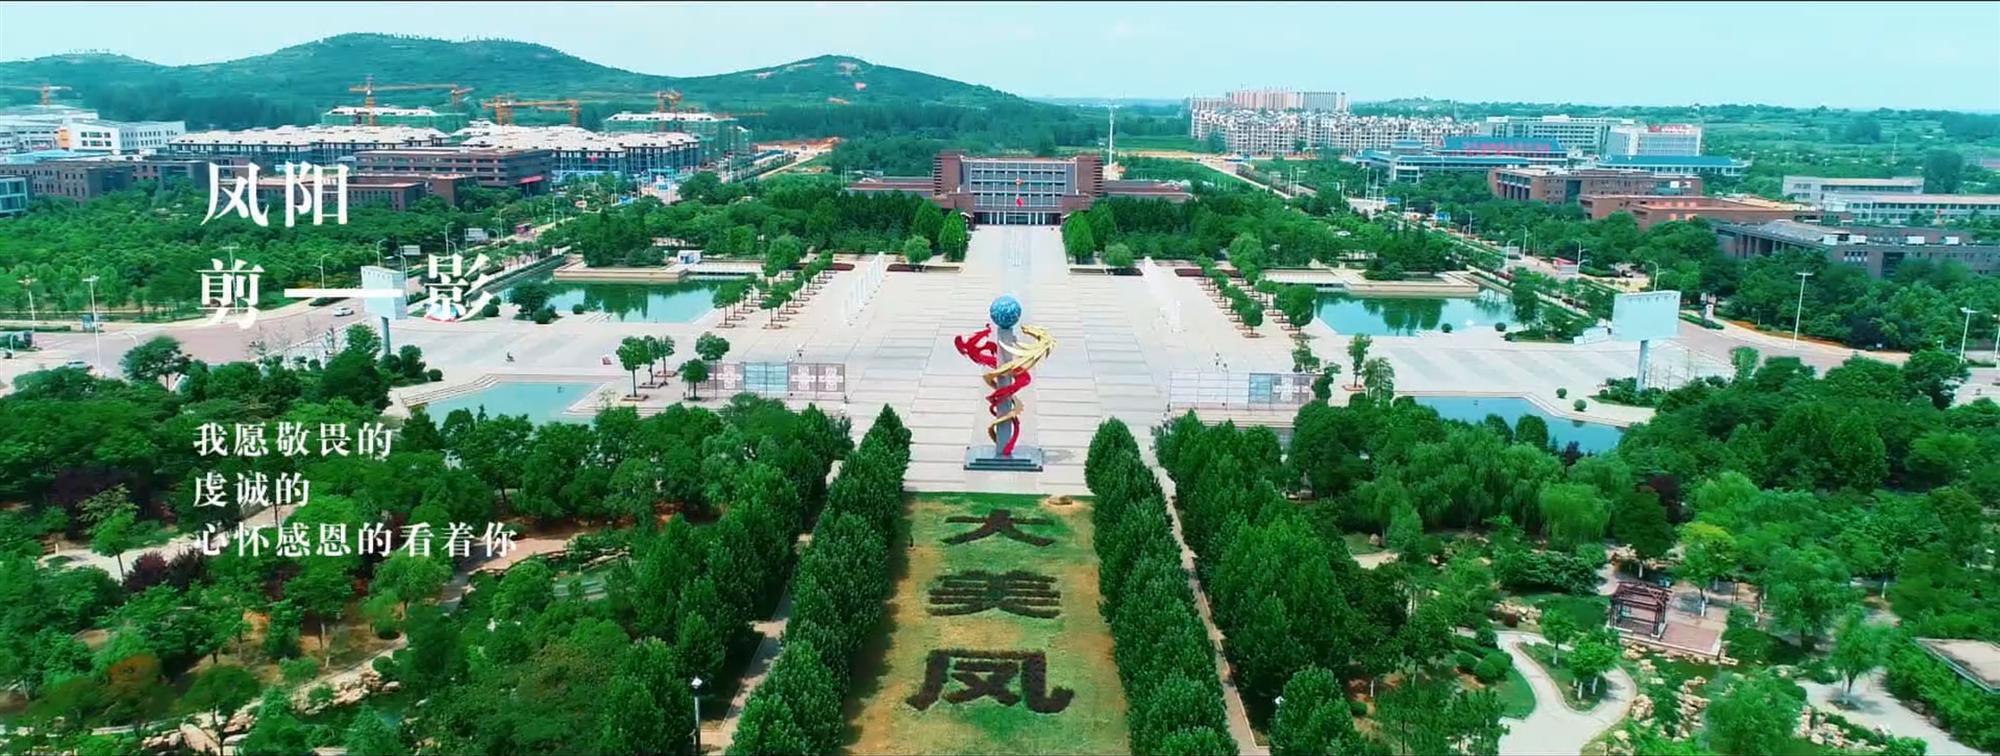 6.凤阳剪影